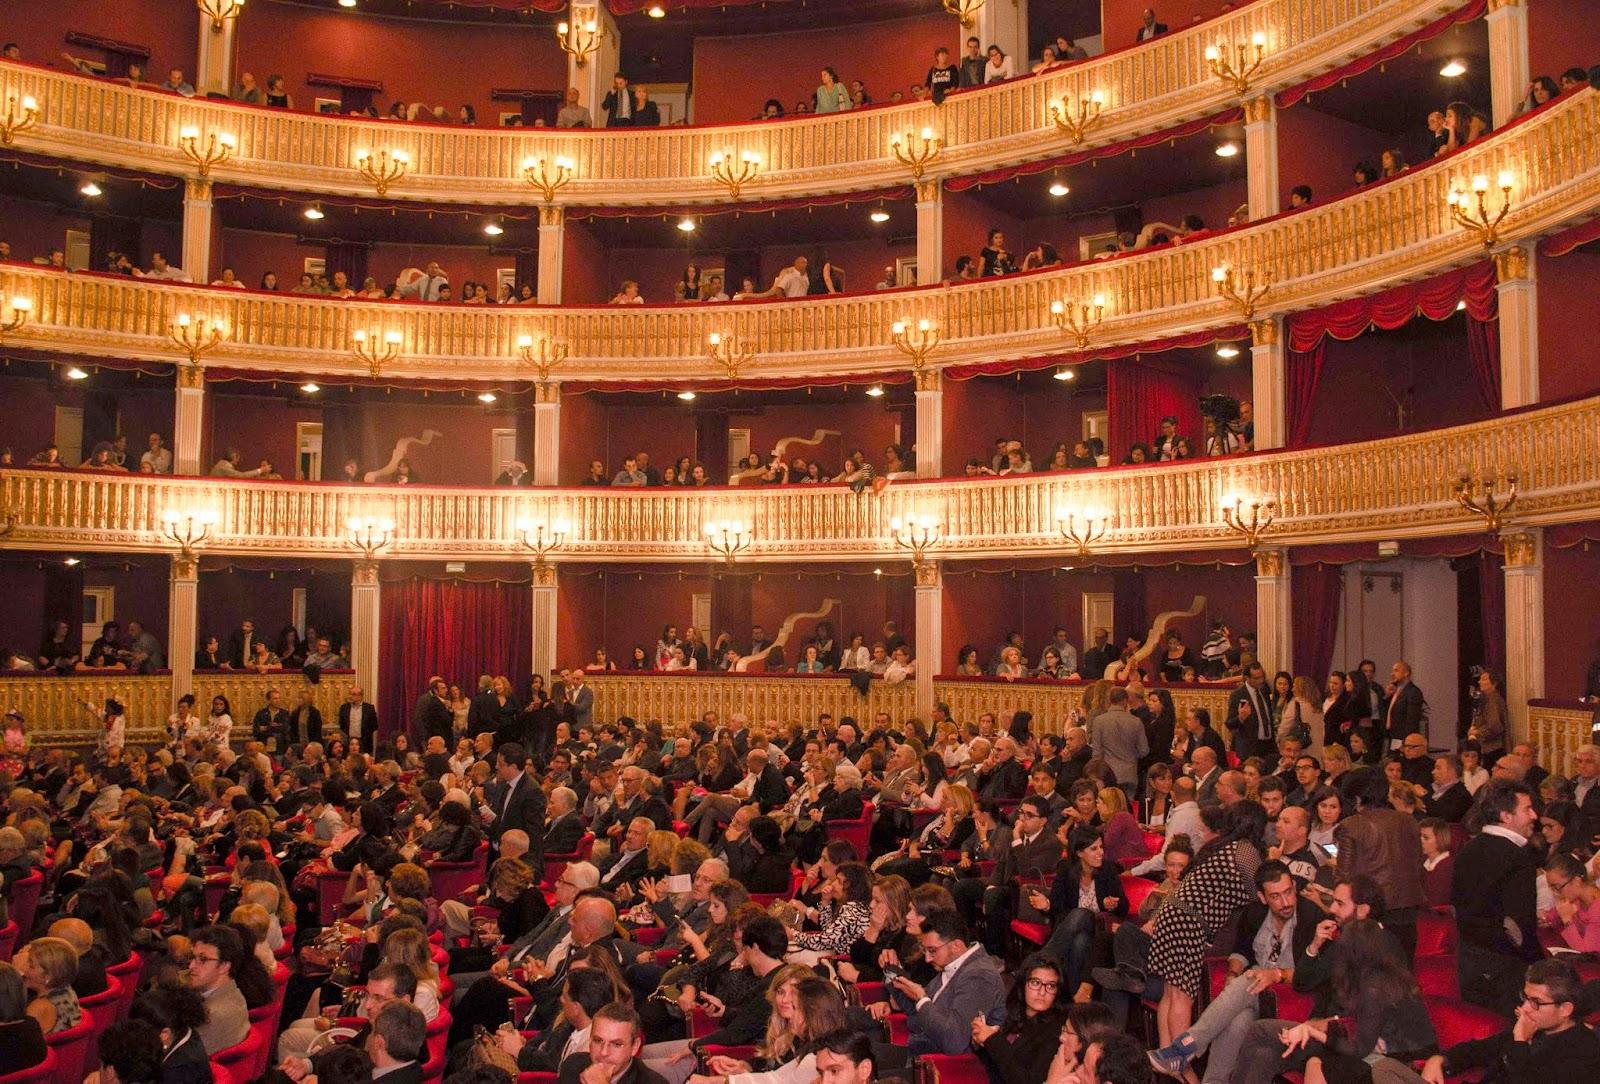 Patch Adams Teatro Rendano Cosenza